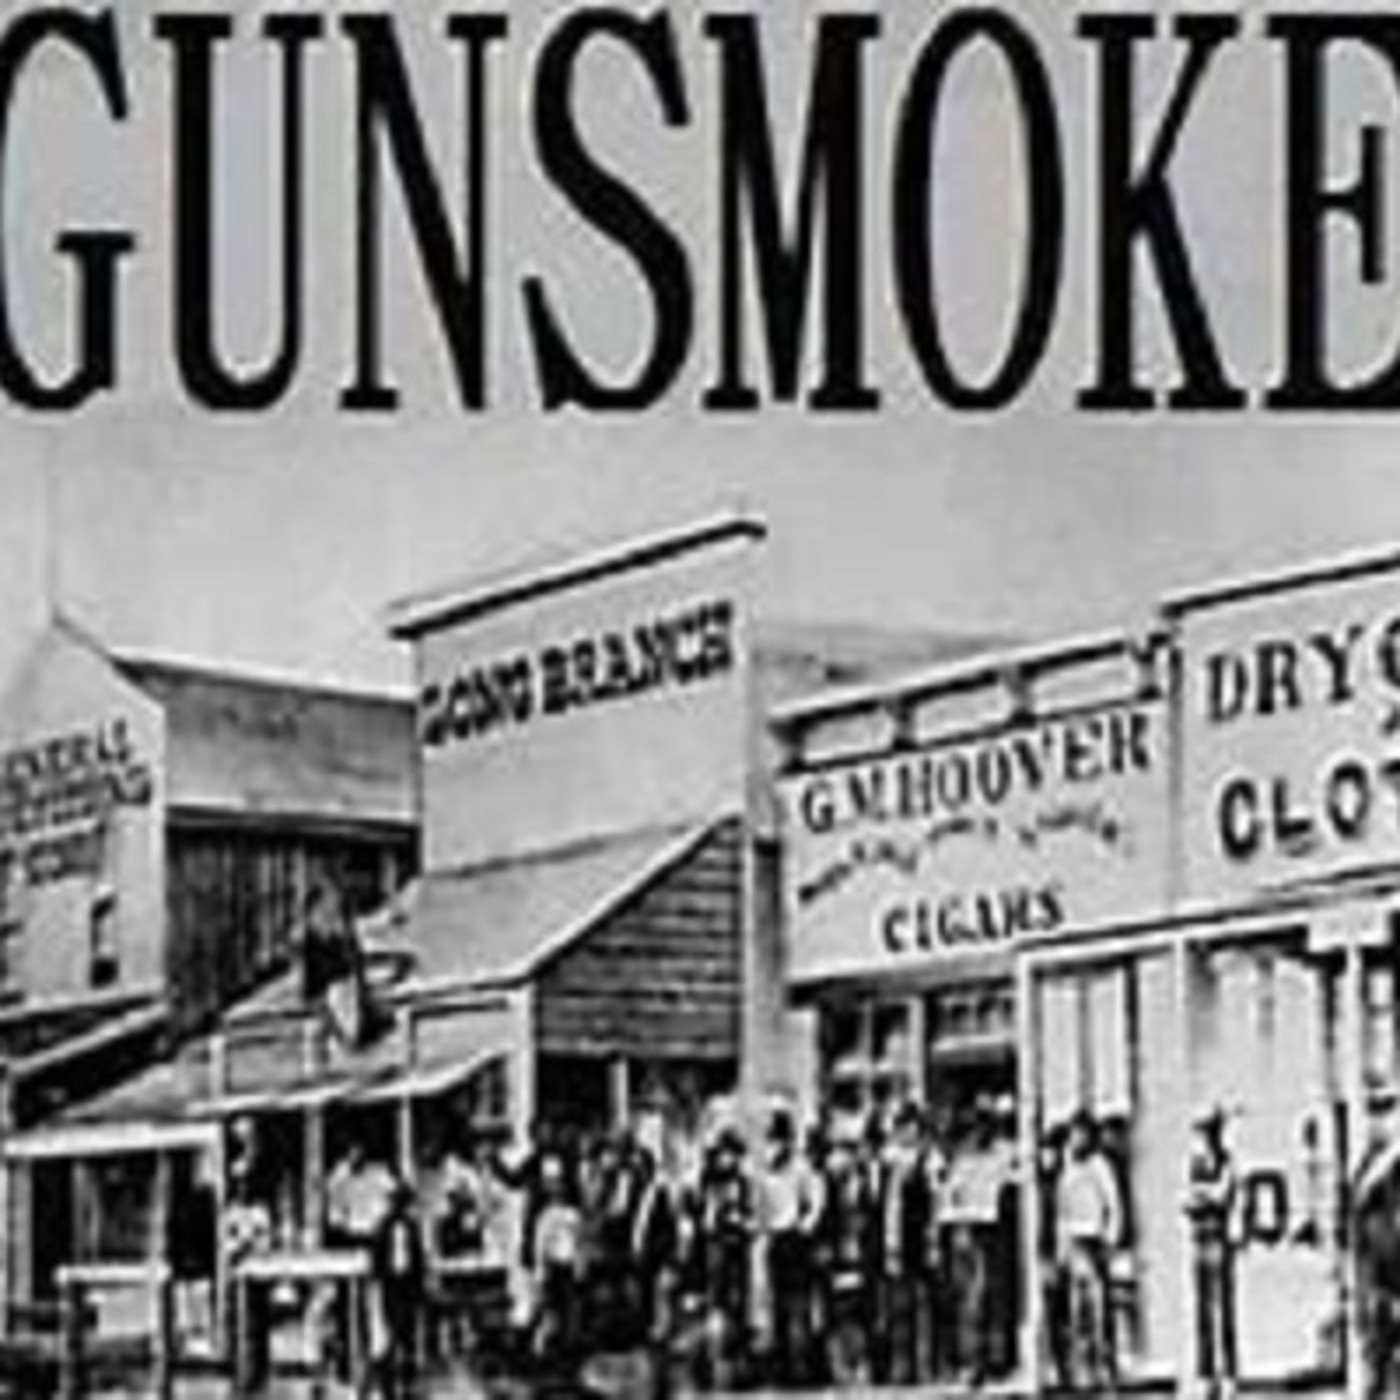 Gunsmoke 61-05-21 (476) Chester's Rendezvous